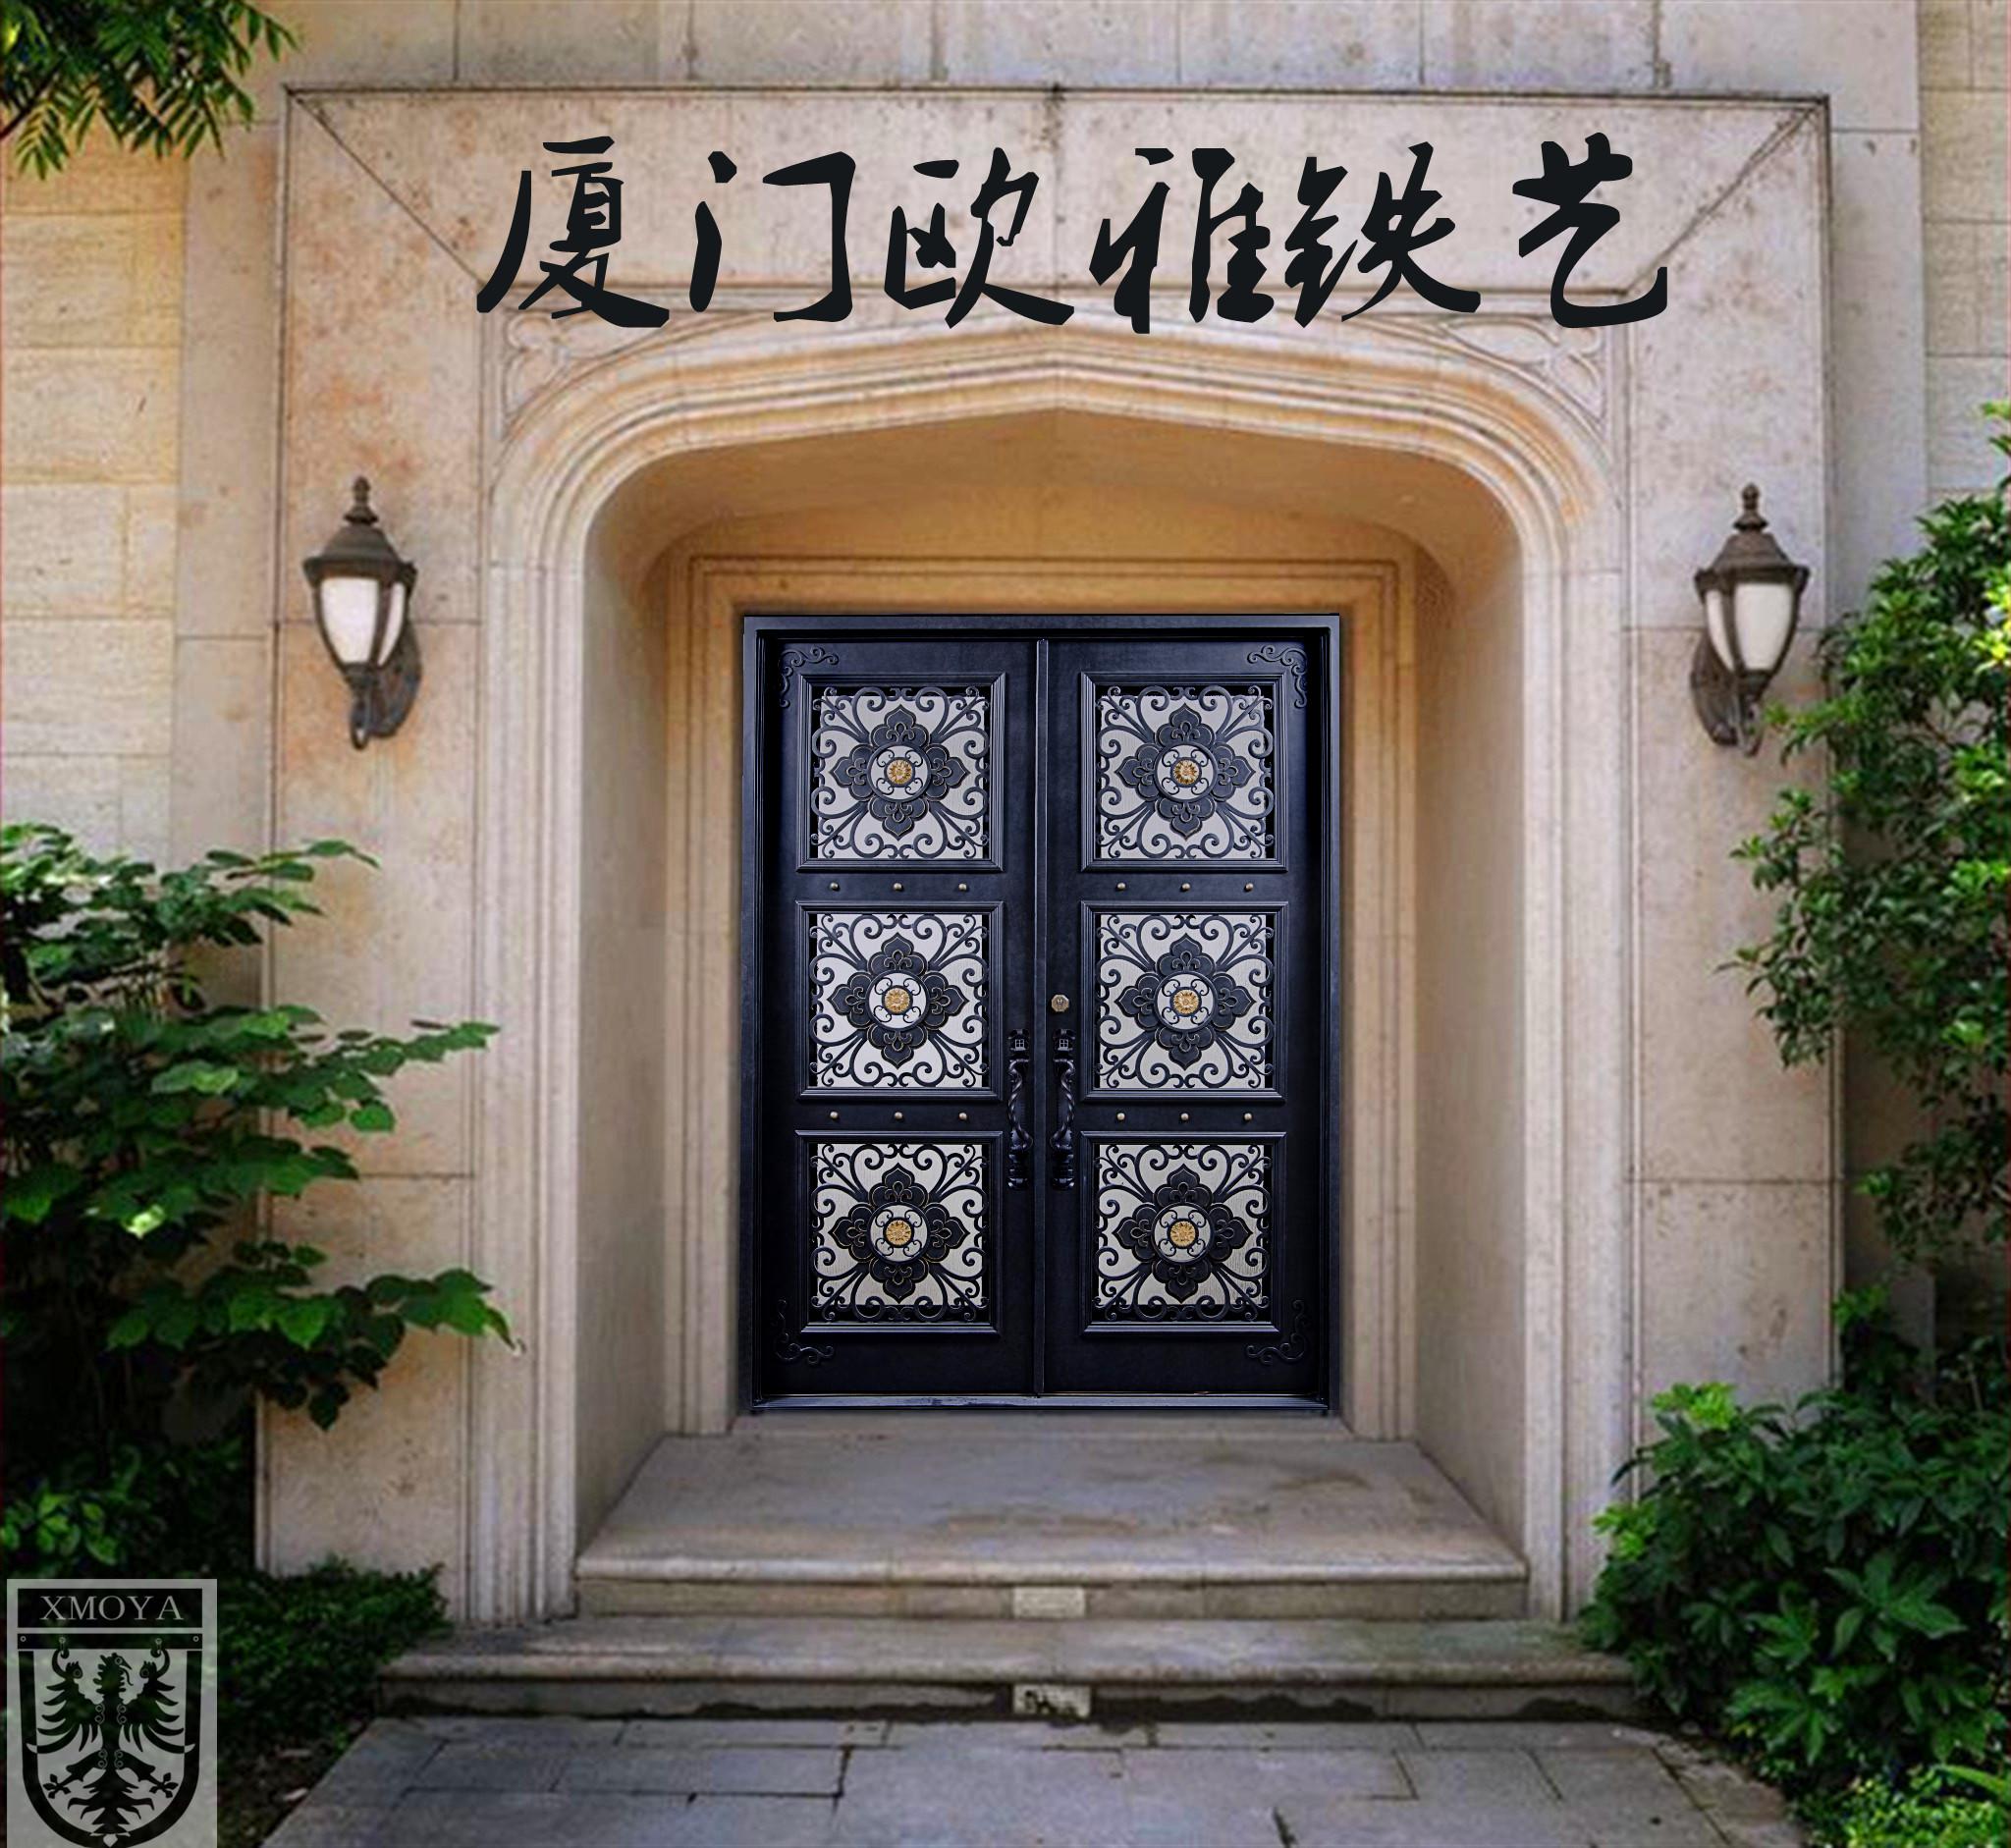 厦门欧雅铁艺高端入户门,纯手工定制欧式铁艺门,隔热防暴大门